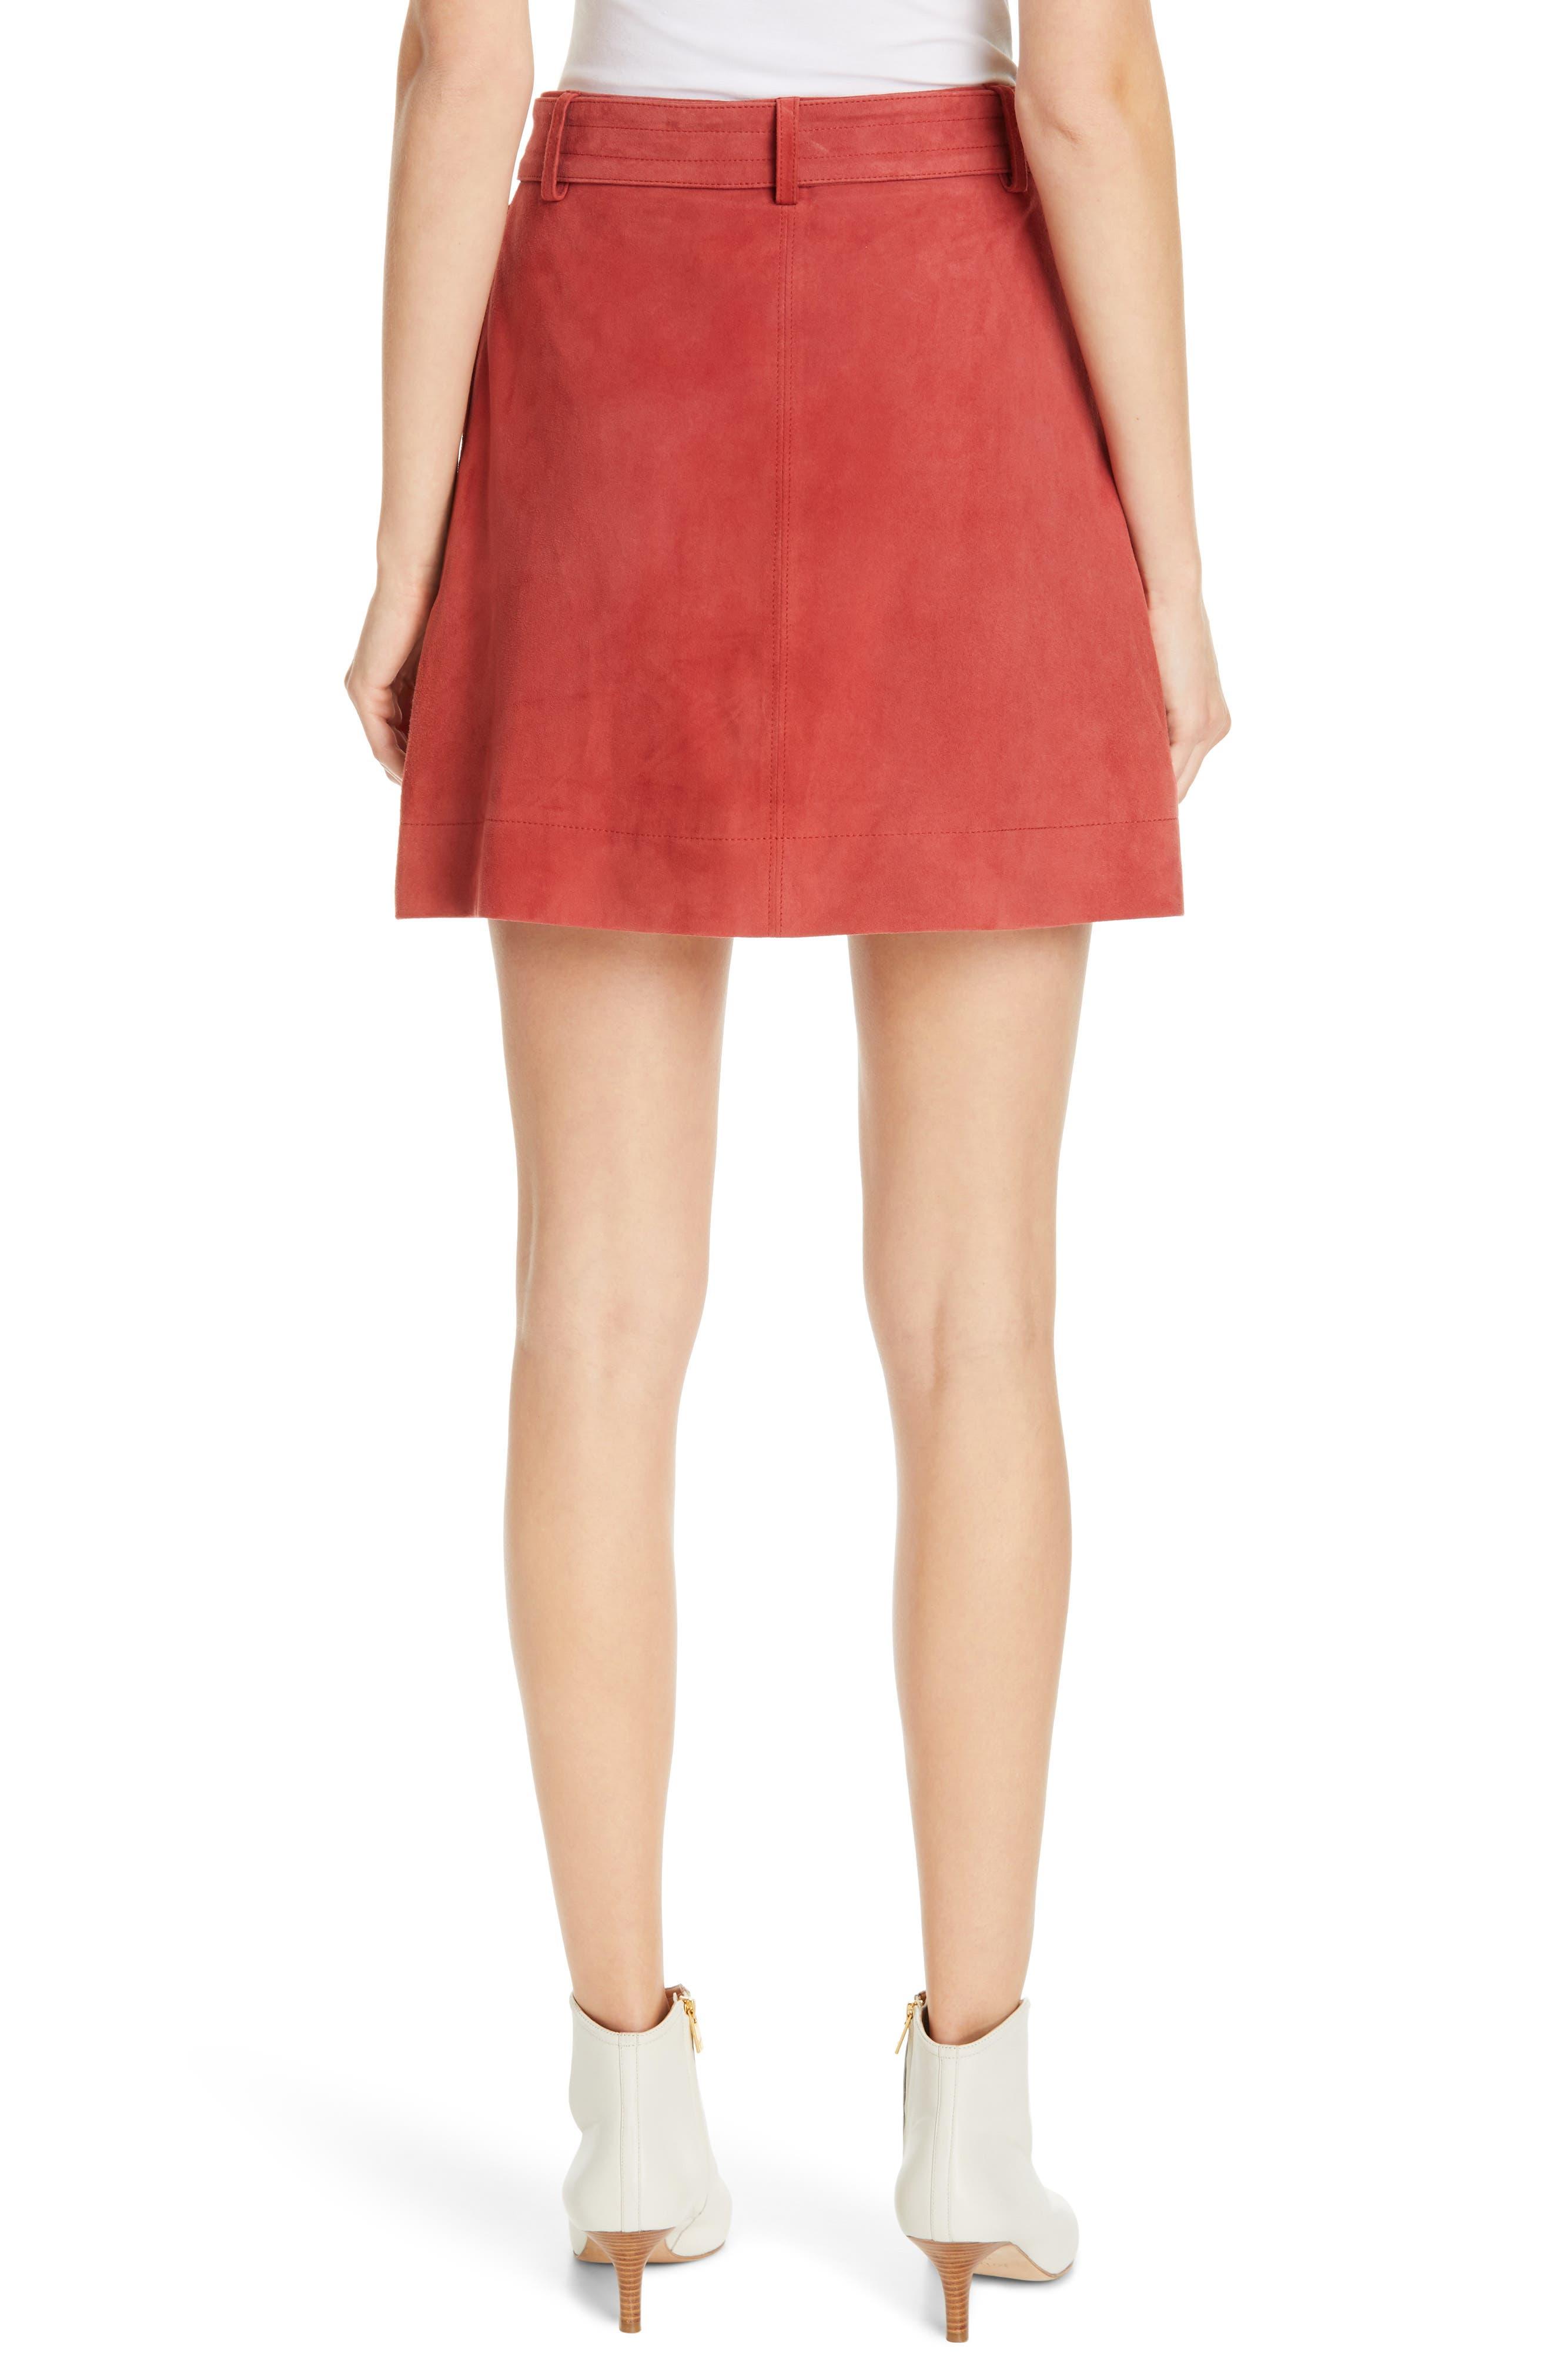 JOIE, Neida Suede Miniskirt, Alternate thumbnail 2, color, DESERT SPICE